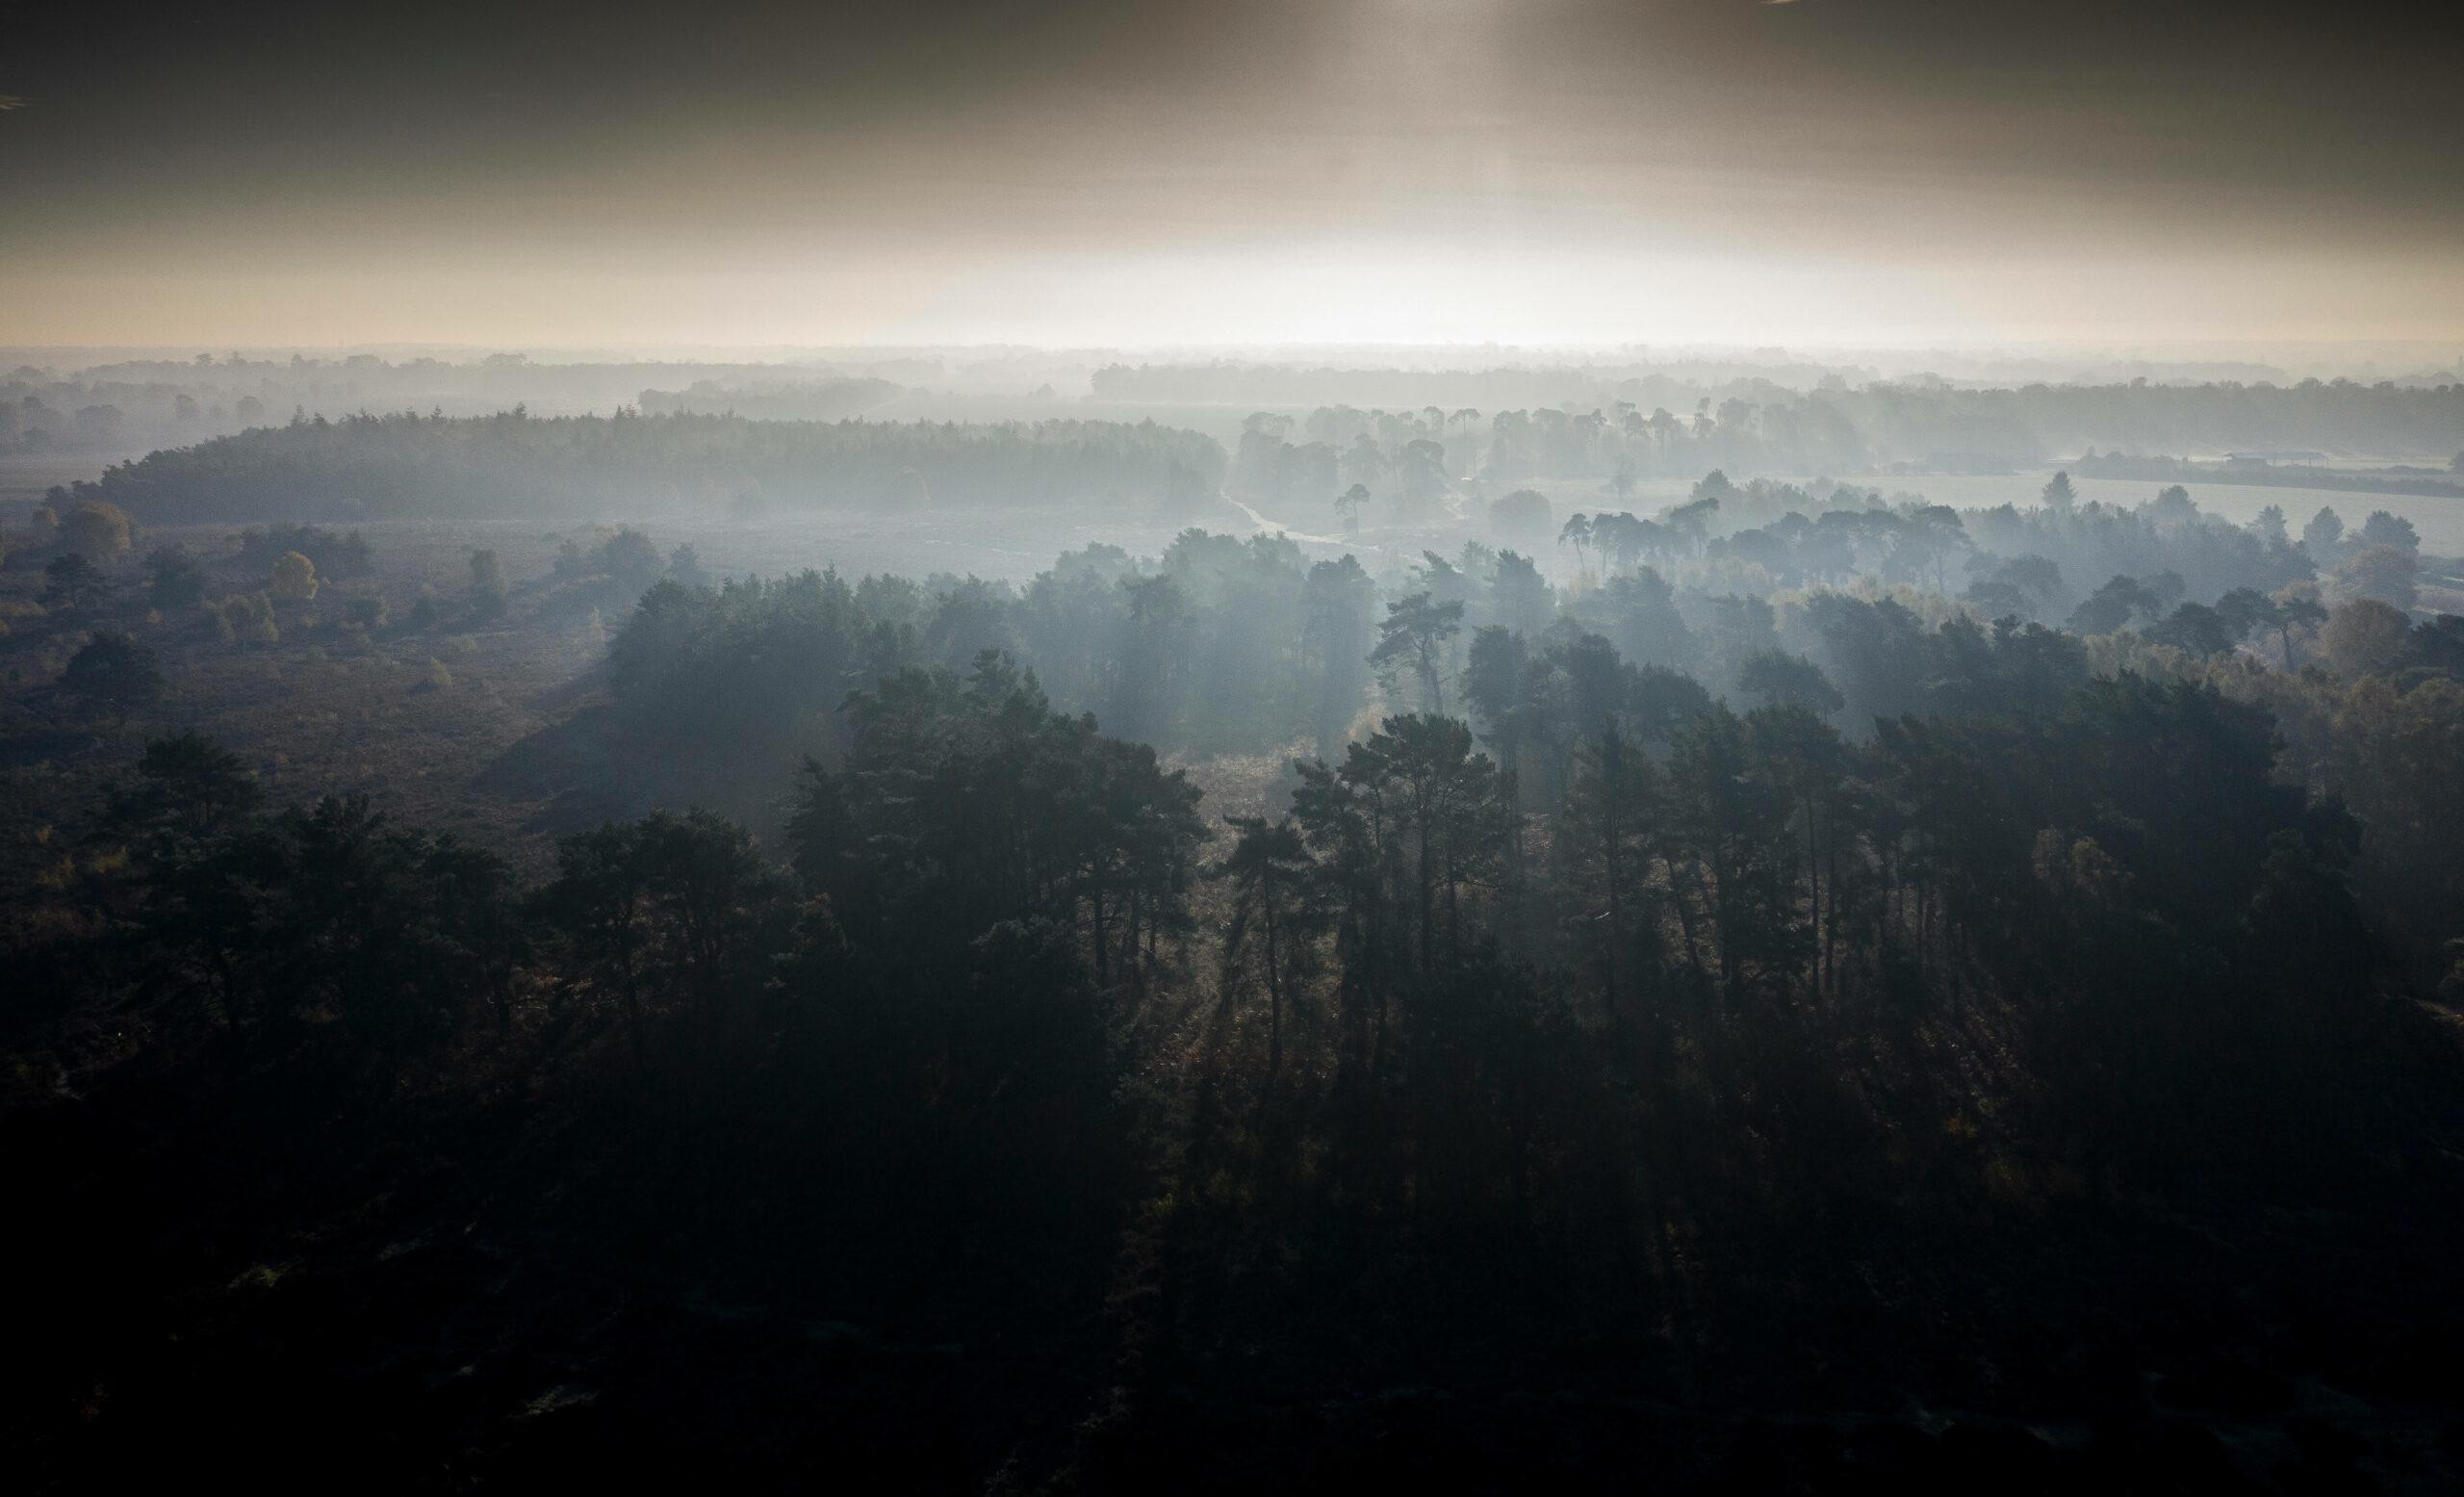 Sunrise over Sutton Heath